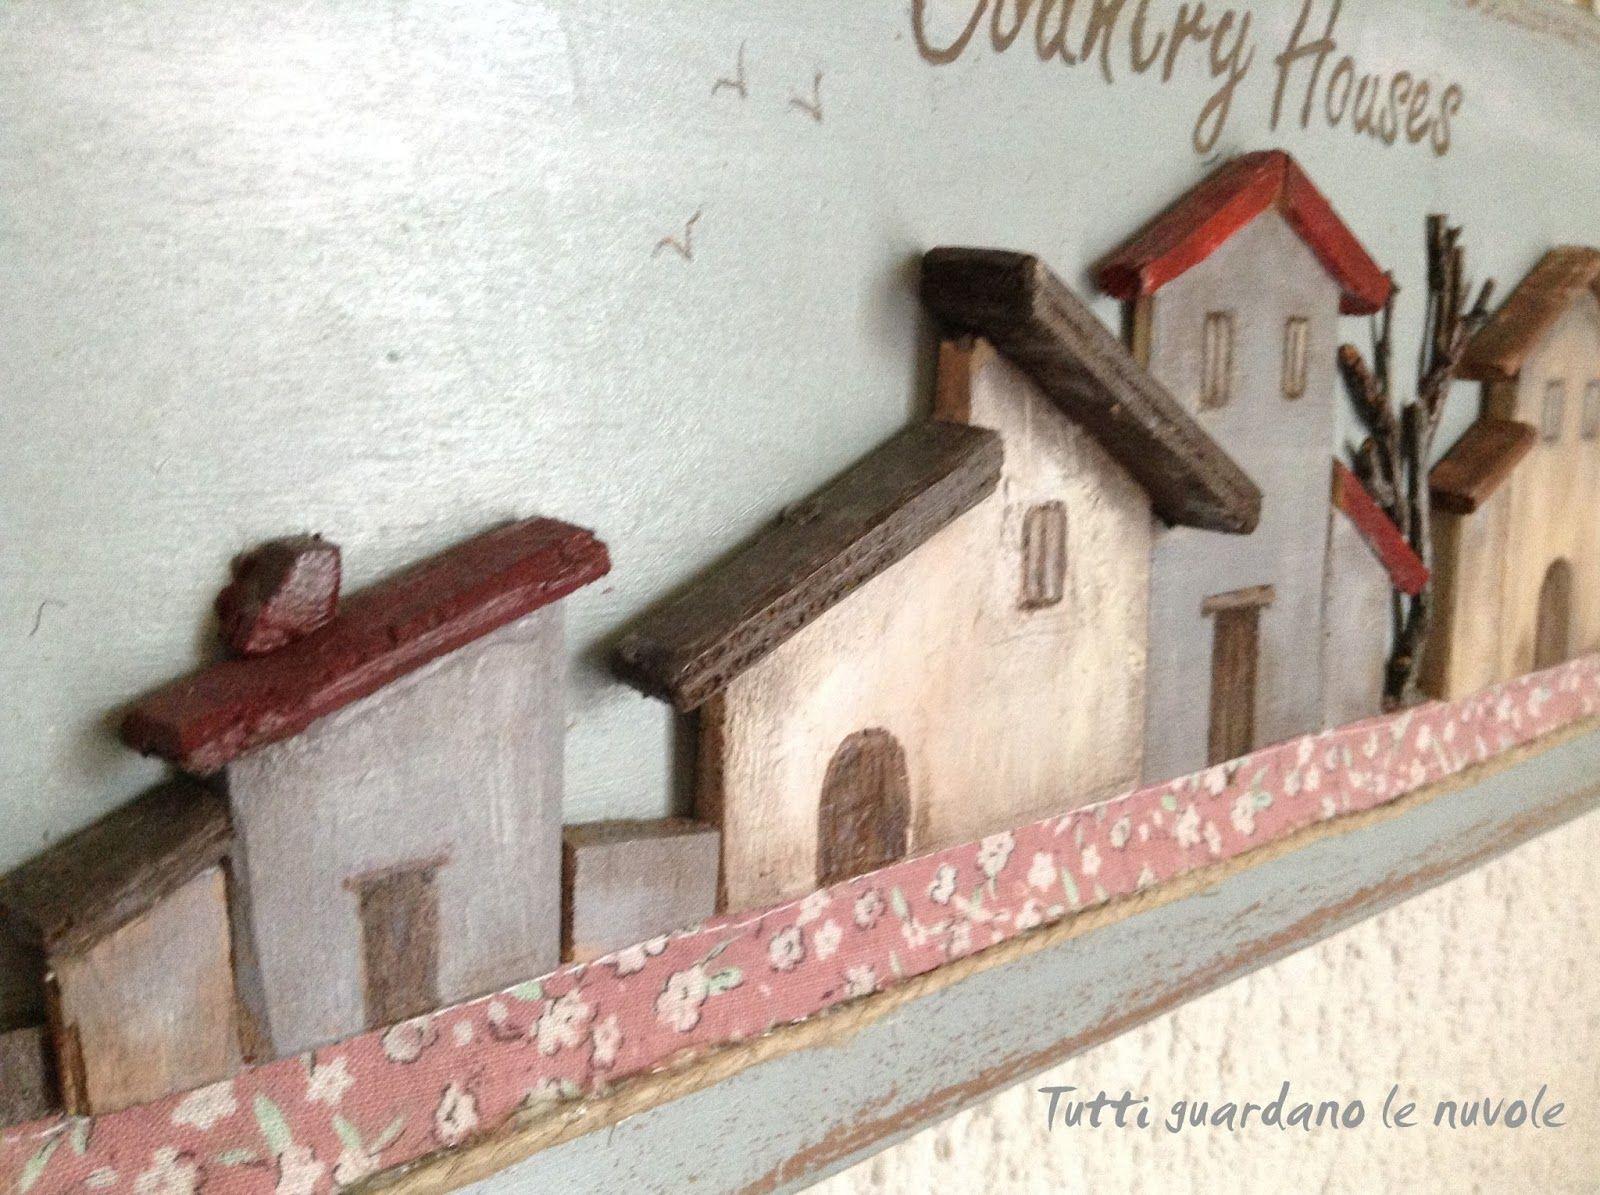 Tutti guardano le nuvole: Quadro in legno country | casine ...